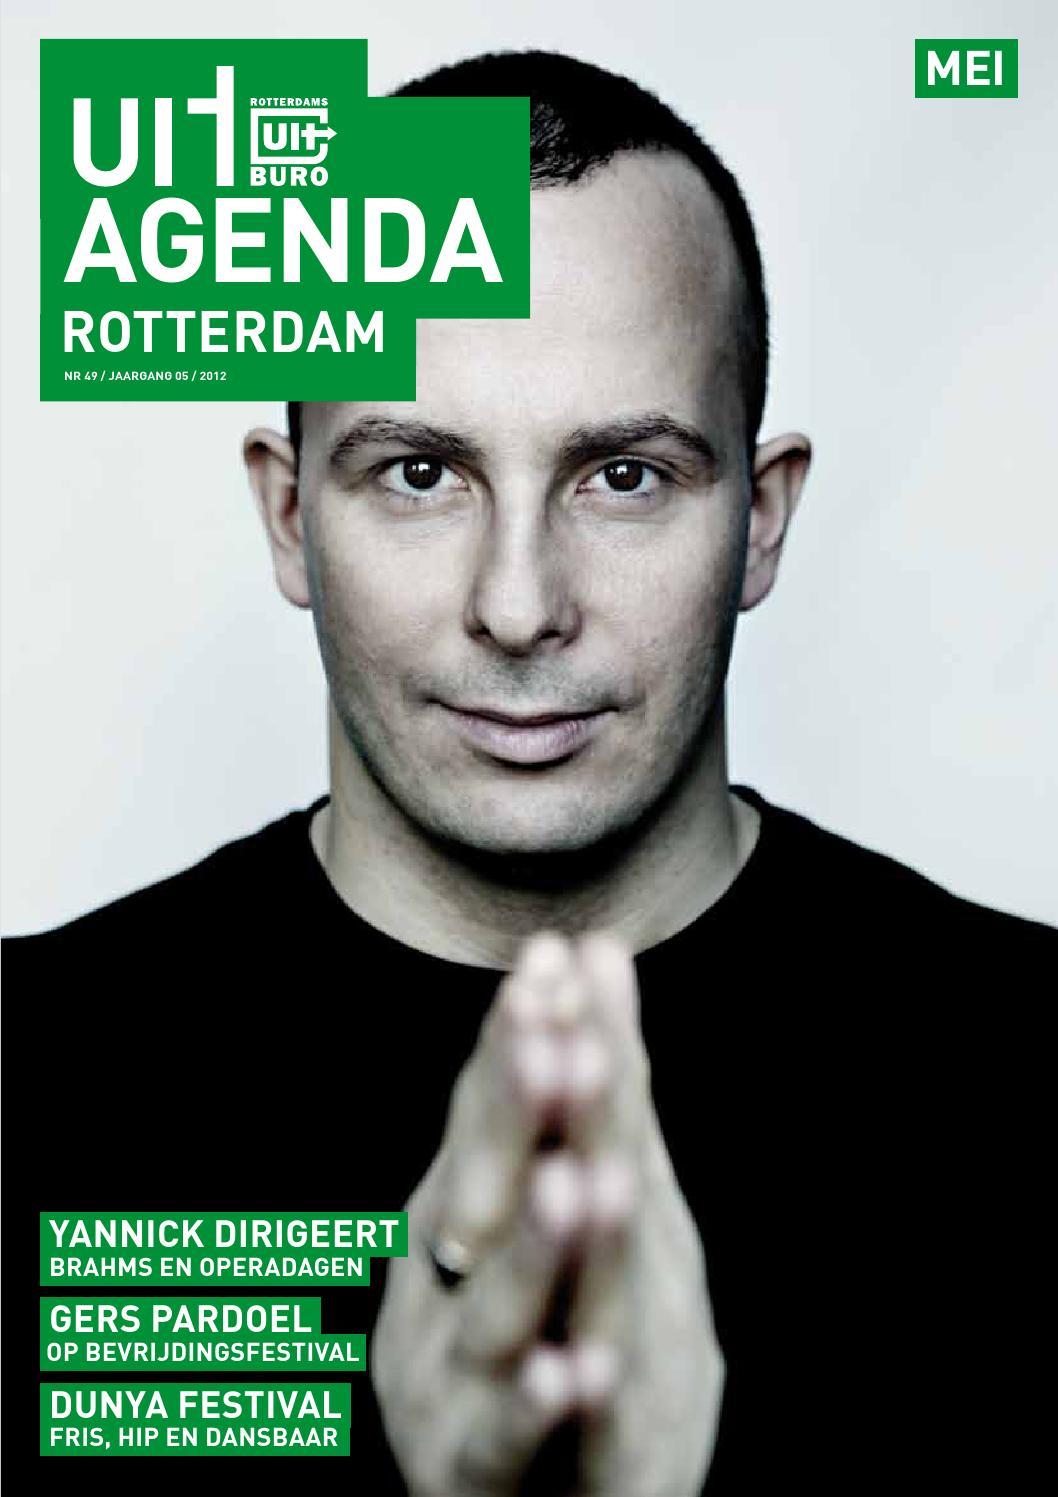 Uitagenda rotterdam mei 2012 by rotterdam festivals issuu for Uit agenda rotterdam